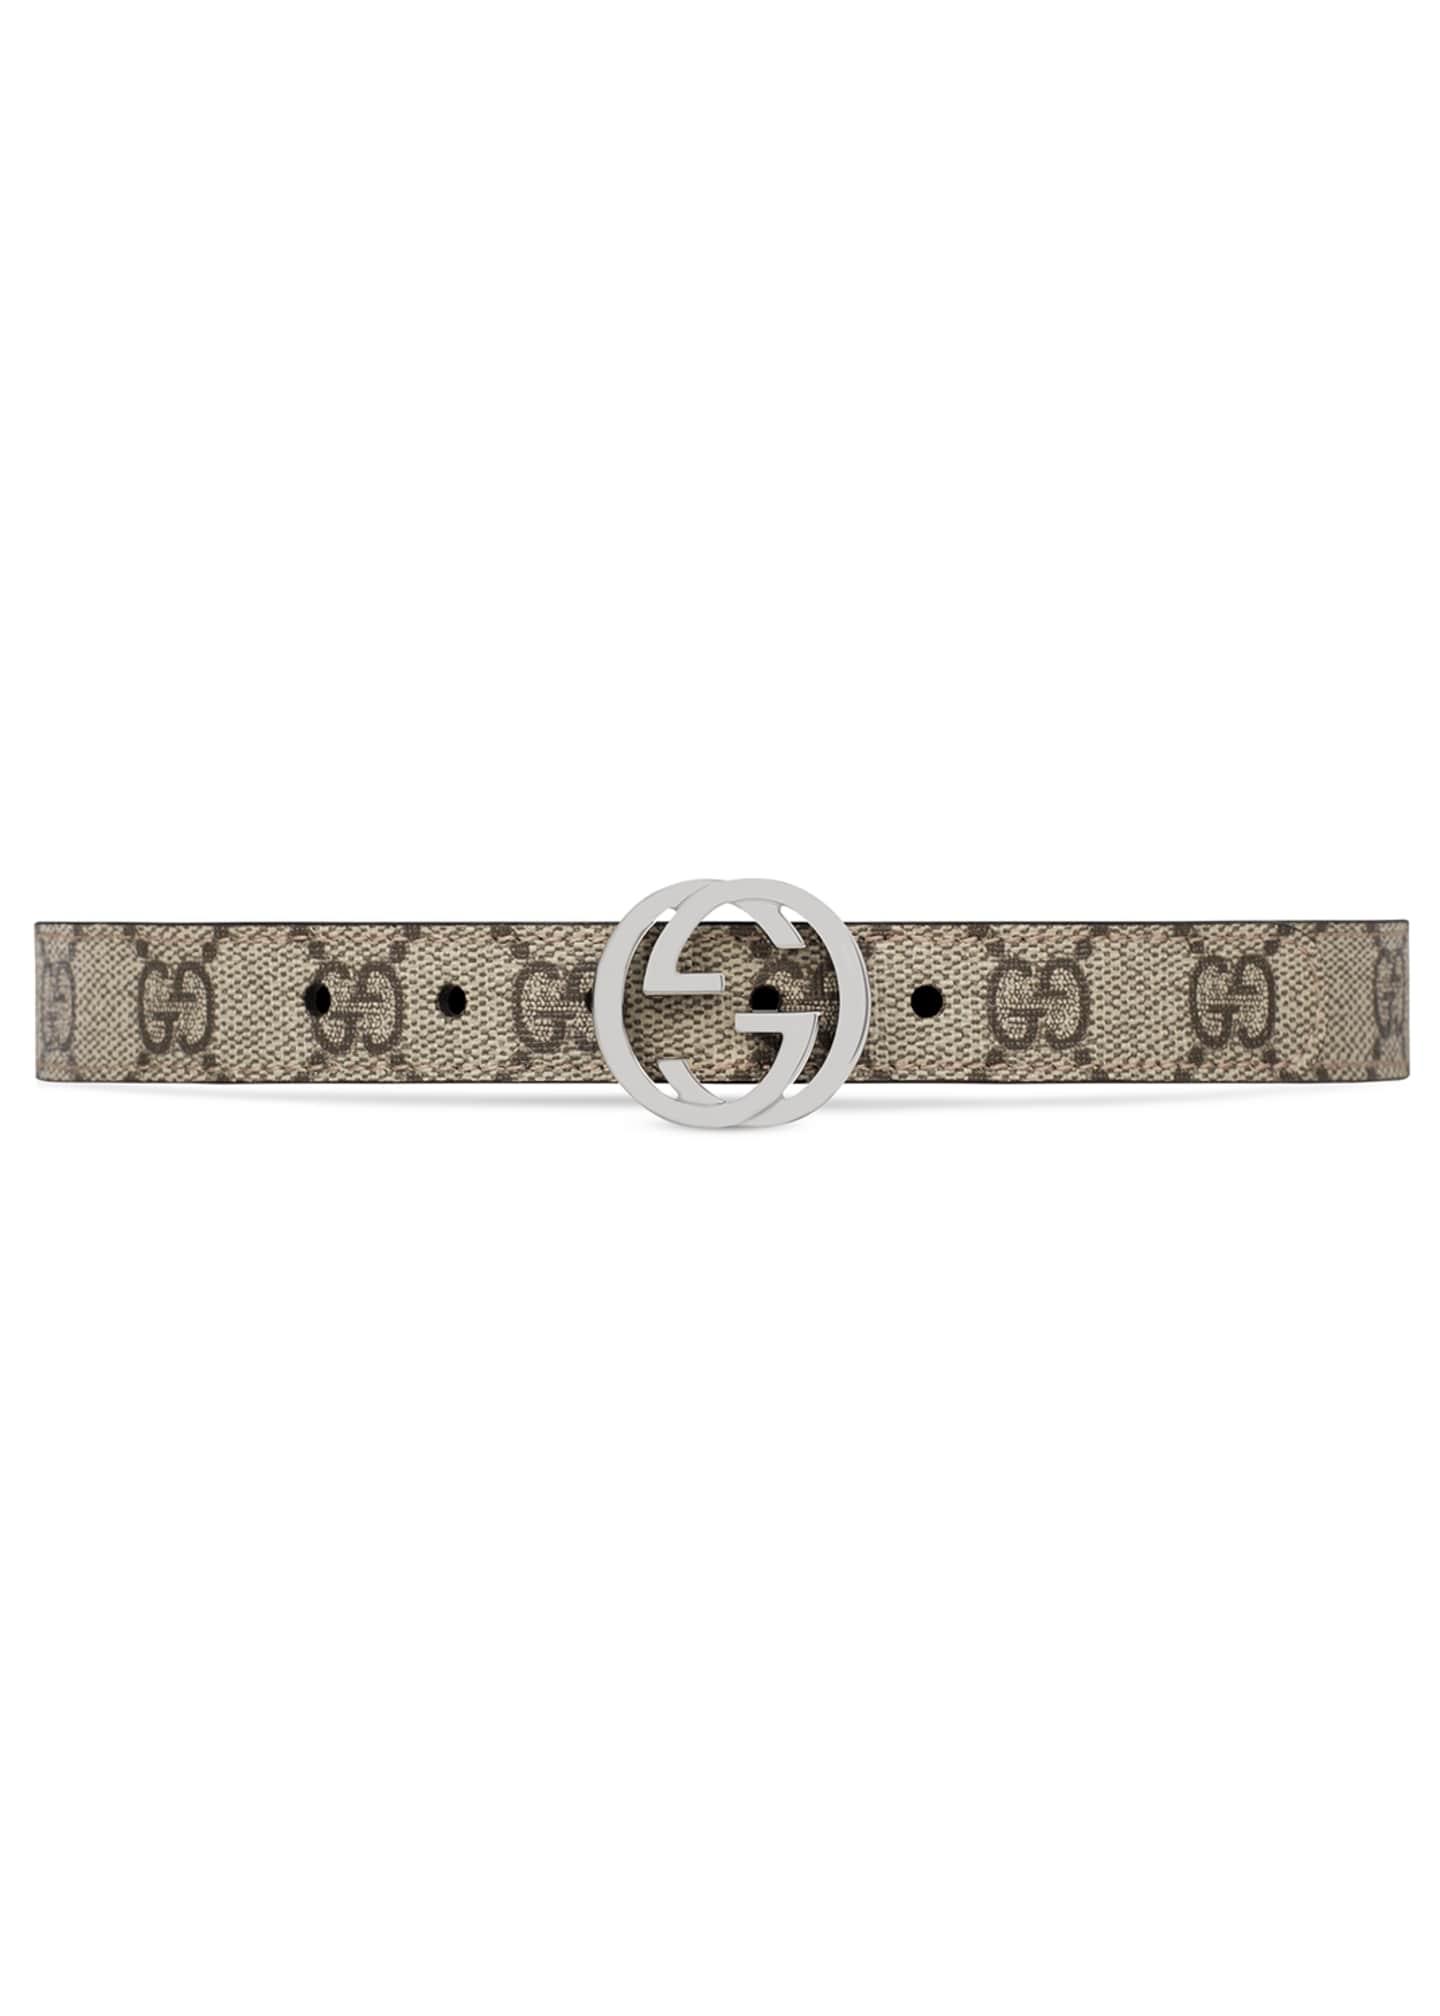 Gucci Kids' GG Supreme Belt w/ Interlocking G